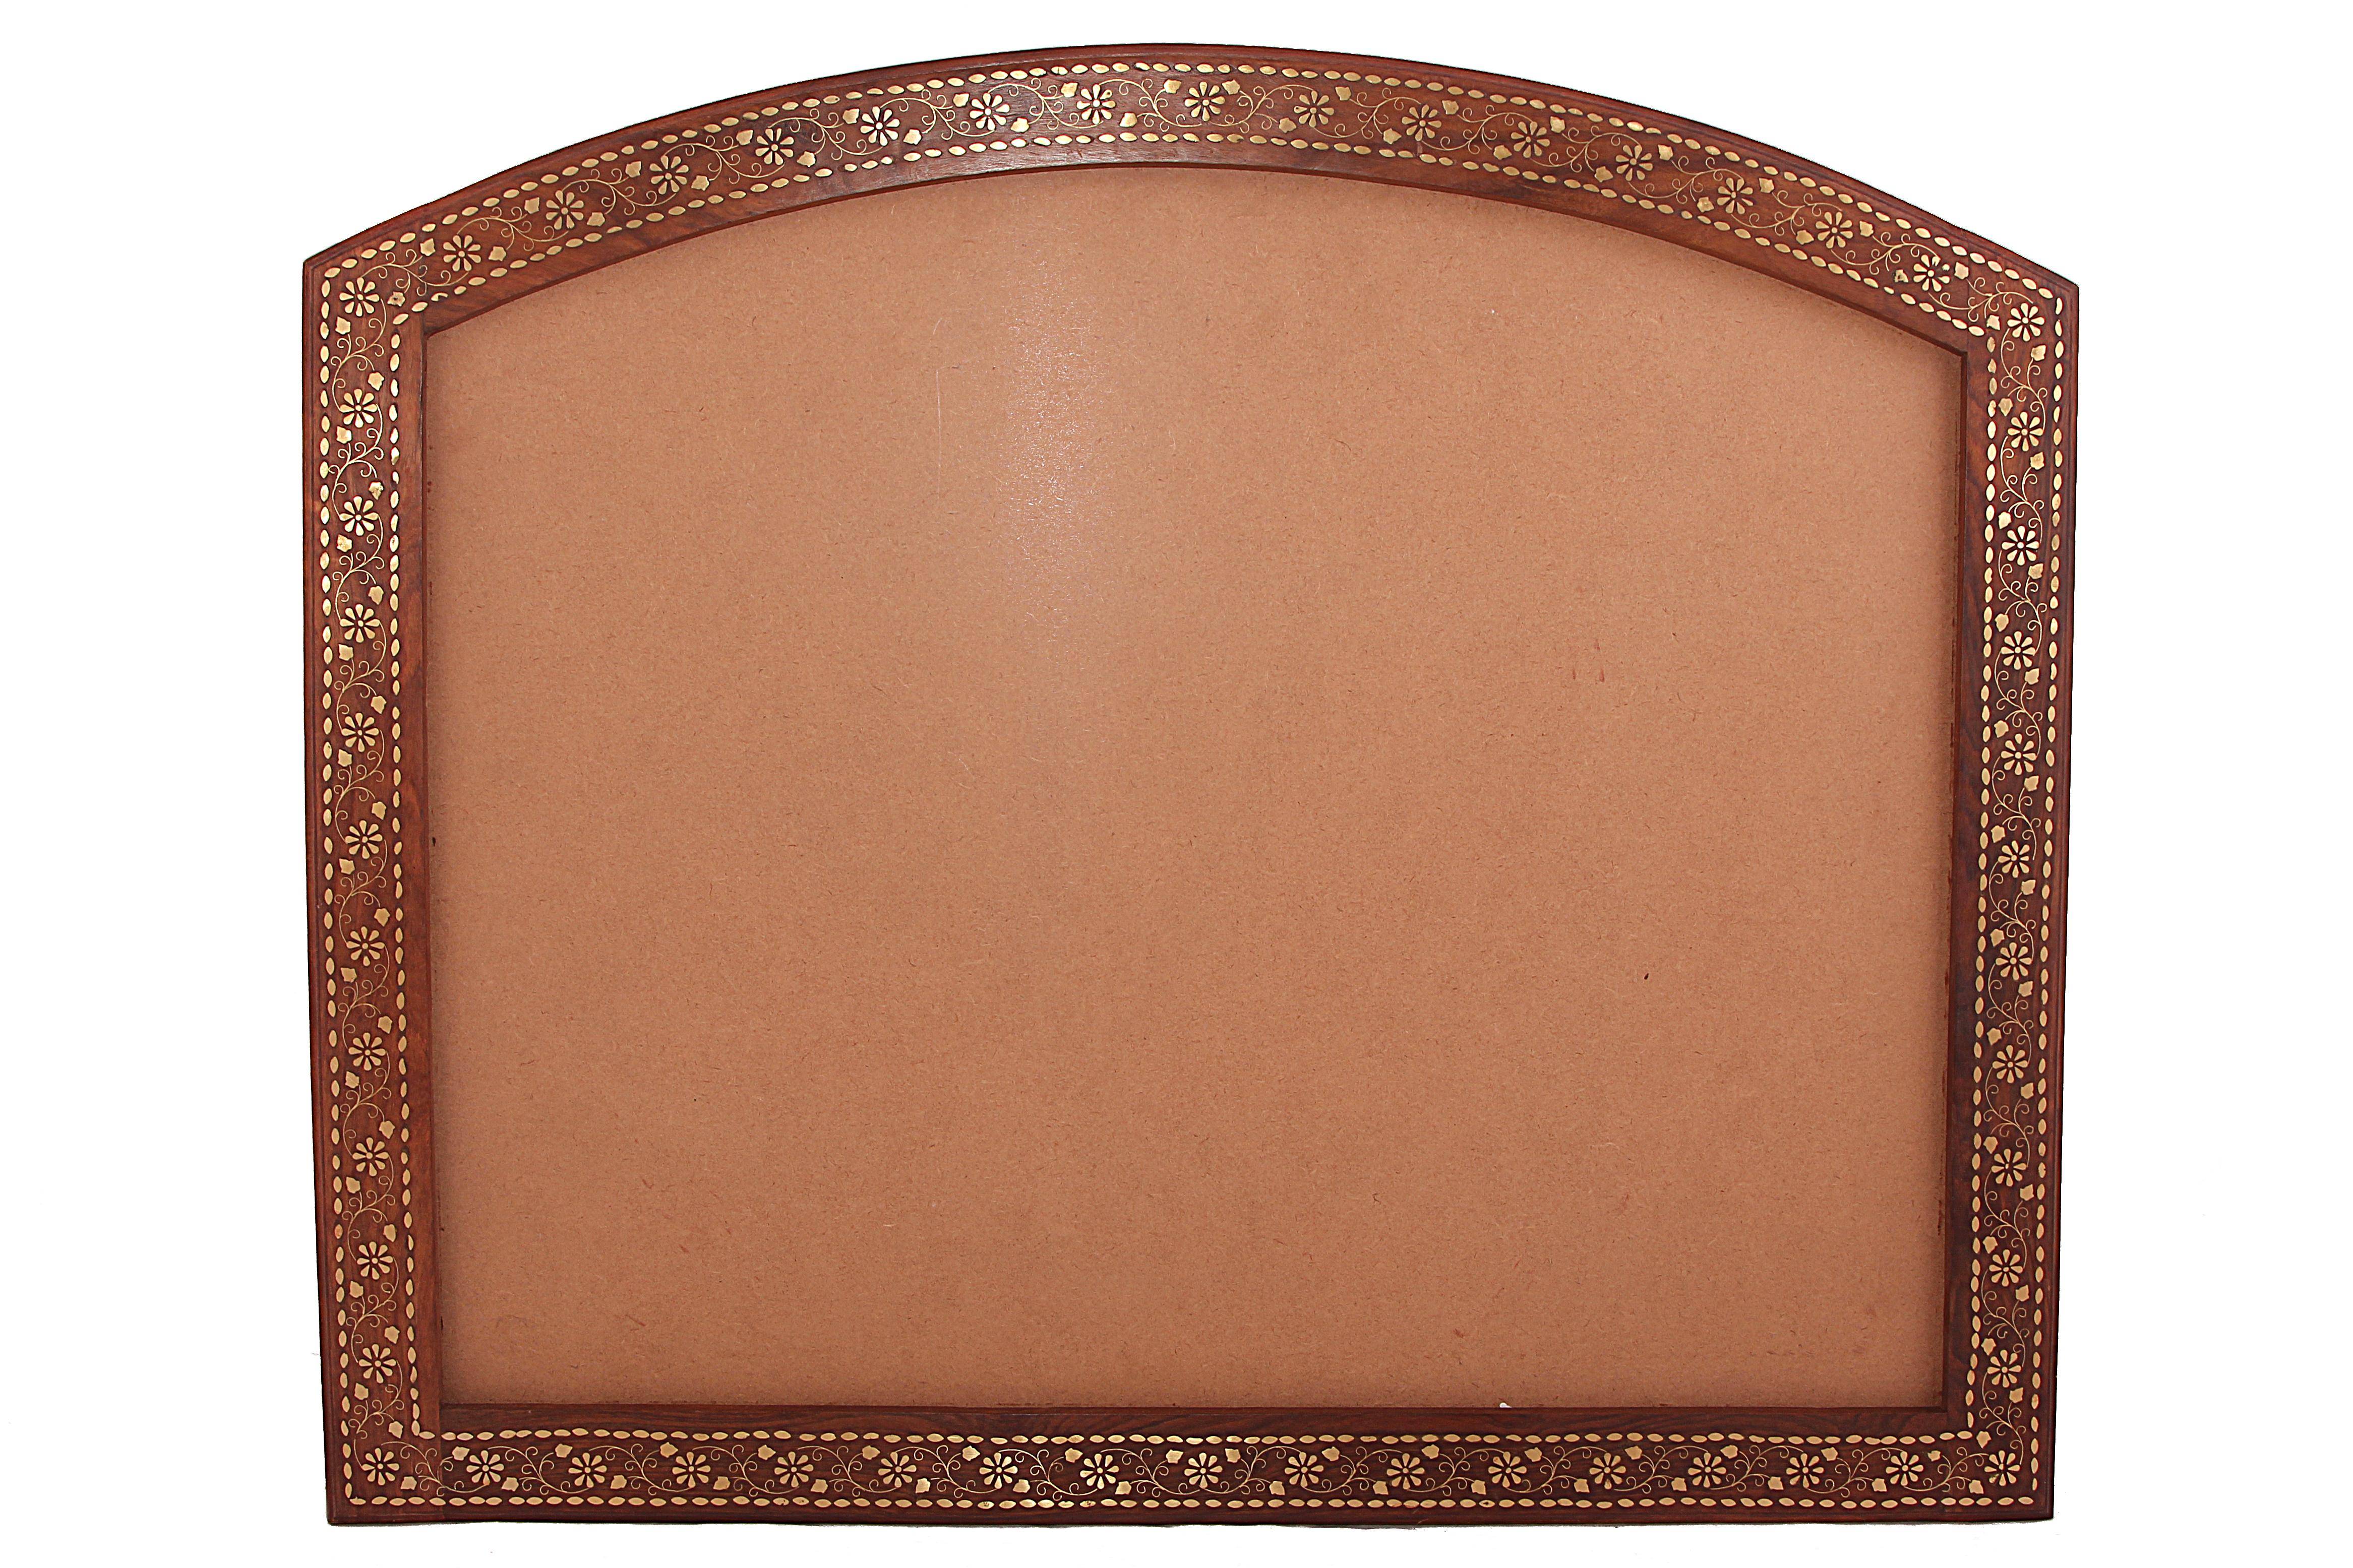 Зеркала Ганг Рама для зеркала Weekend (2х76х90 см)